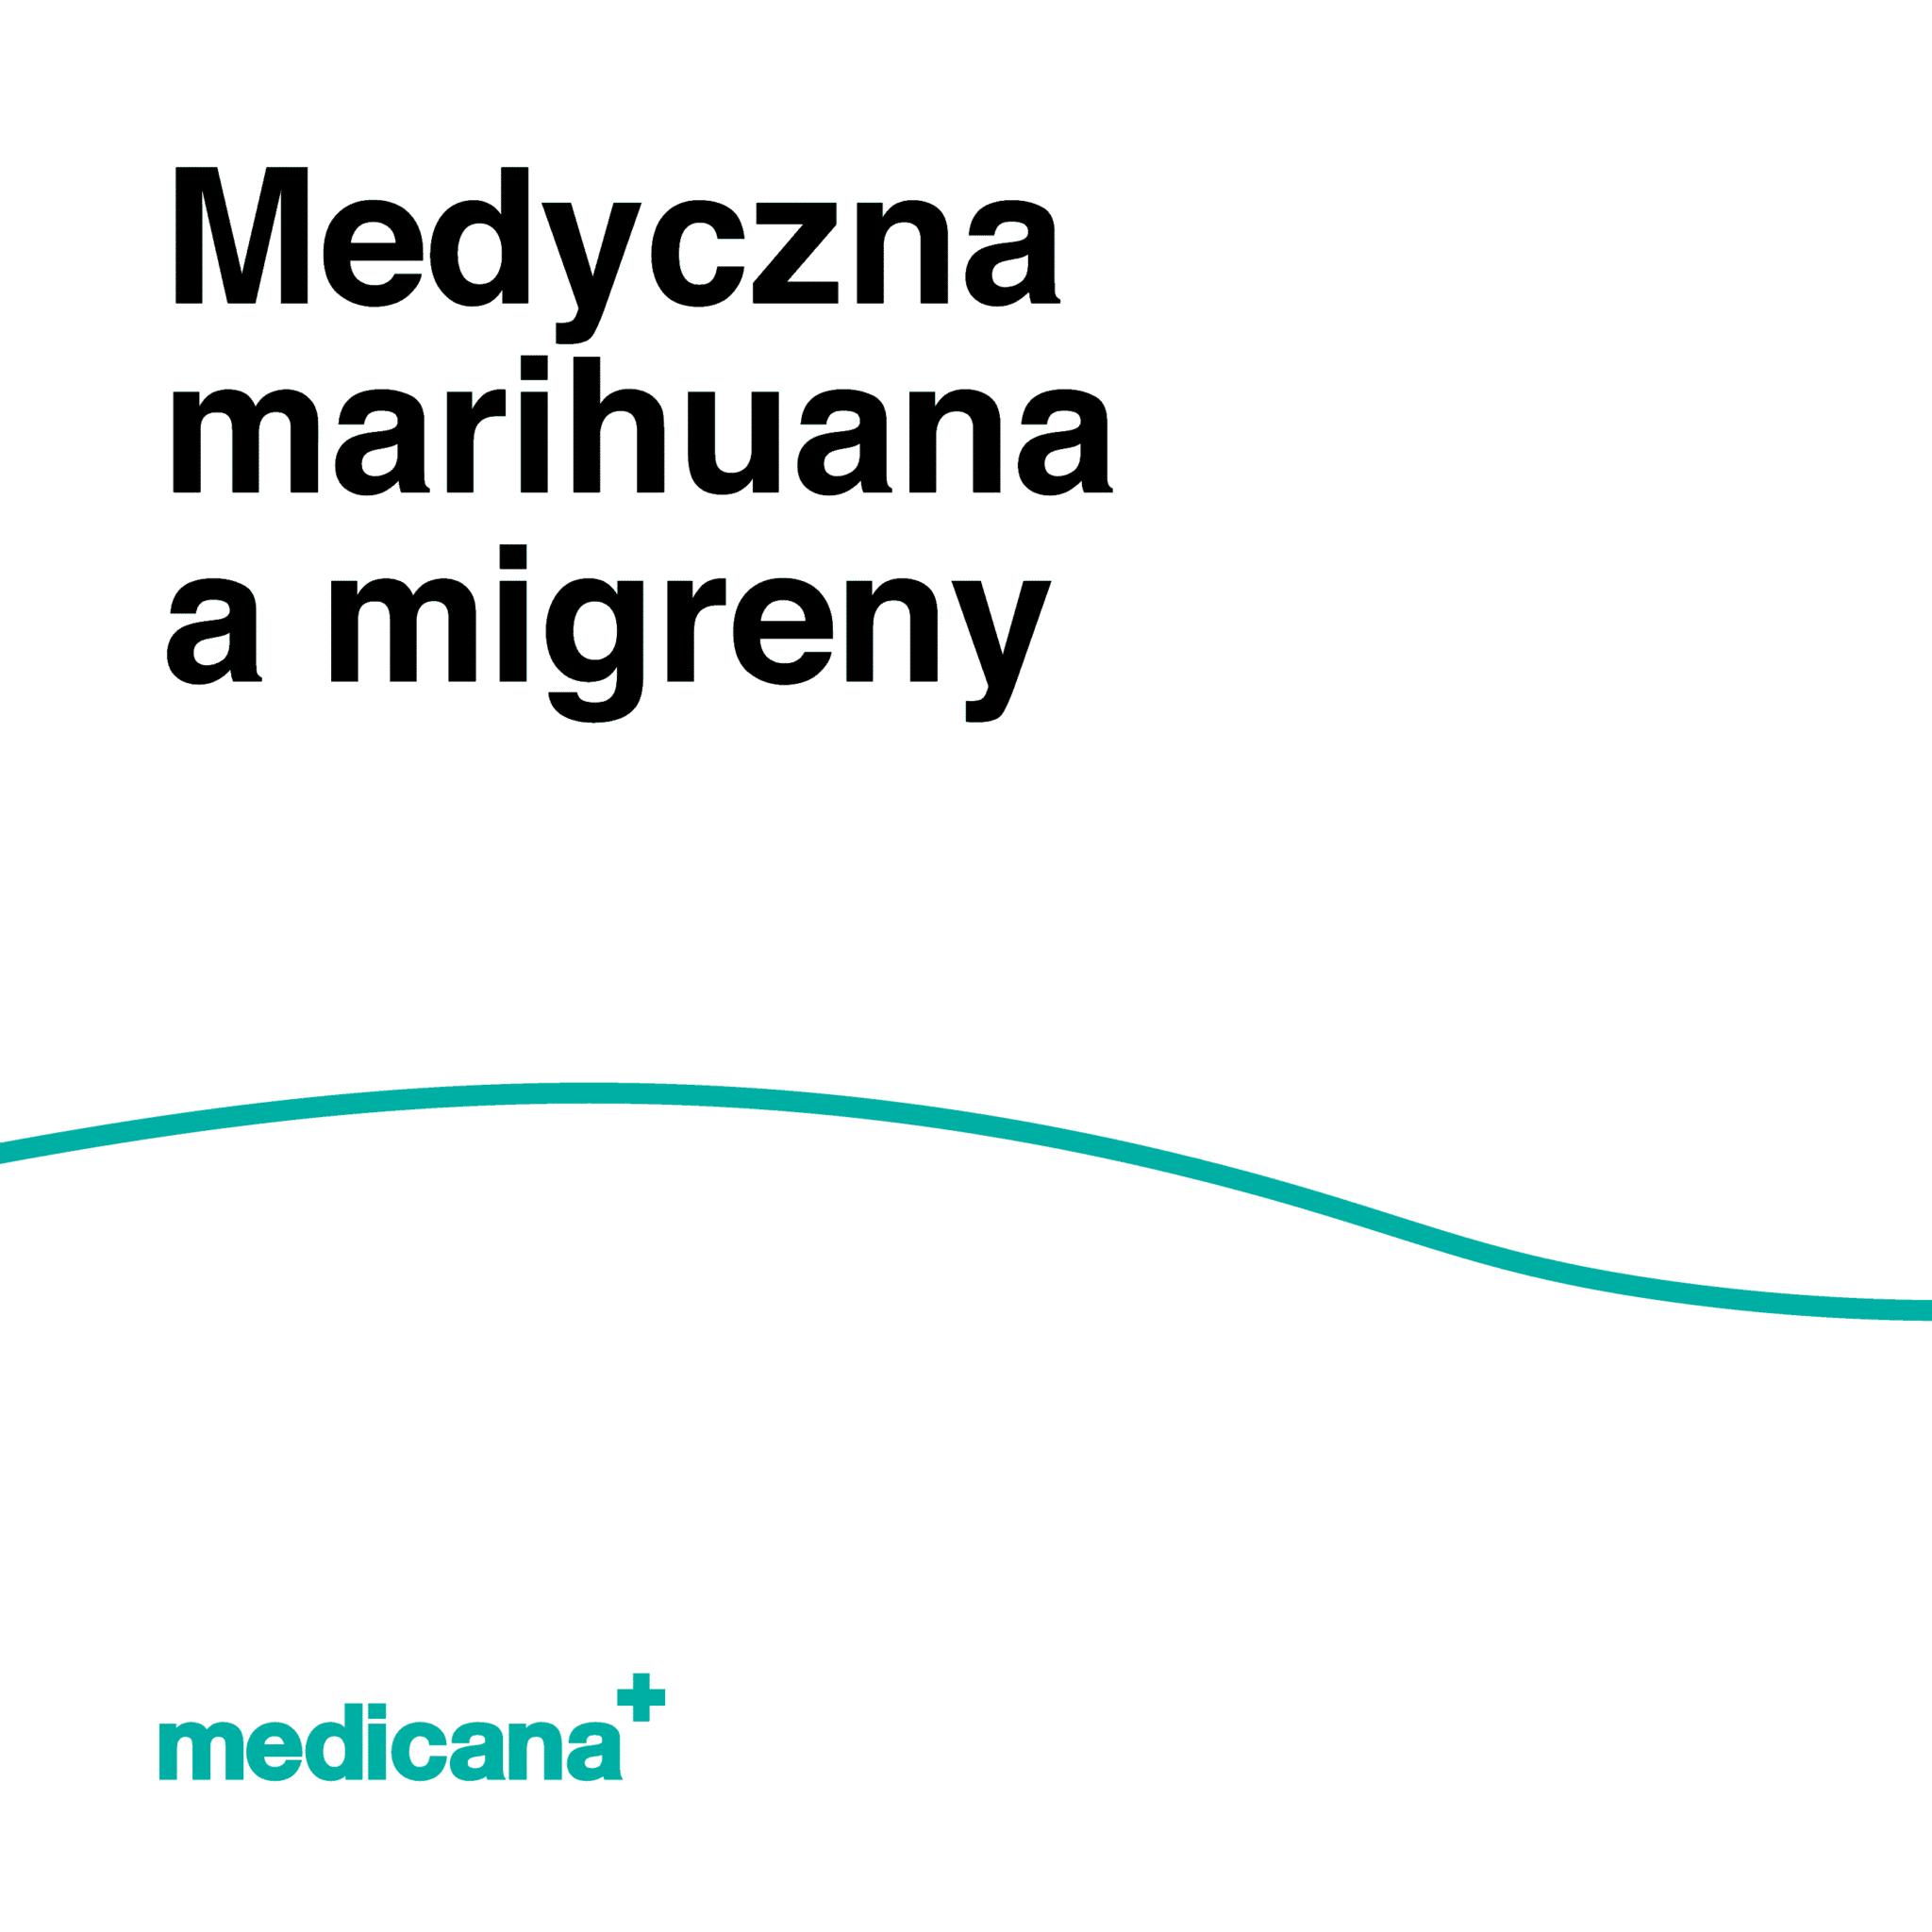 Grafika, białe tło z zieloną linią, czarnym napisem Medyczna marihuana a migreny oraz zielonym logo Medicana w lewym dolnym rogu.